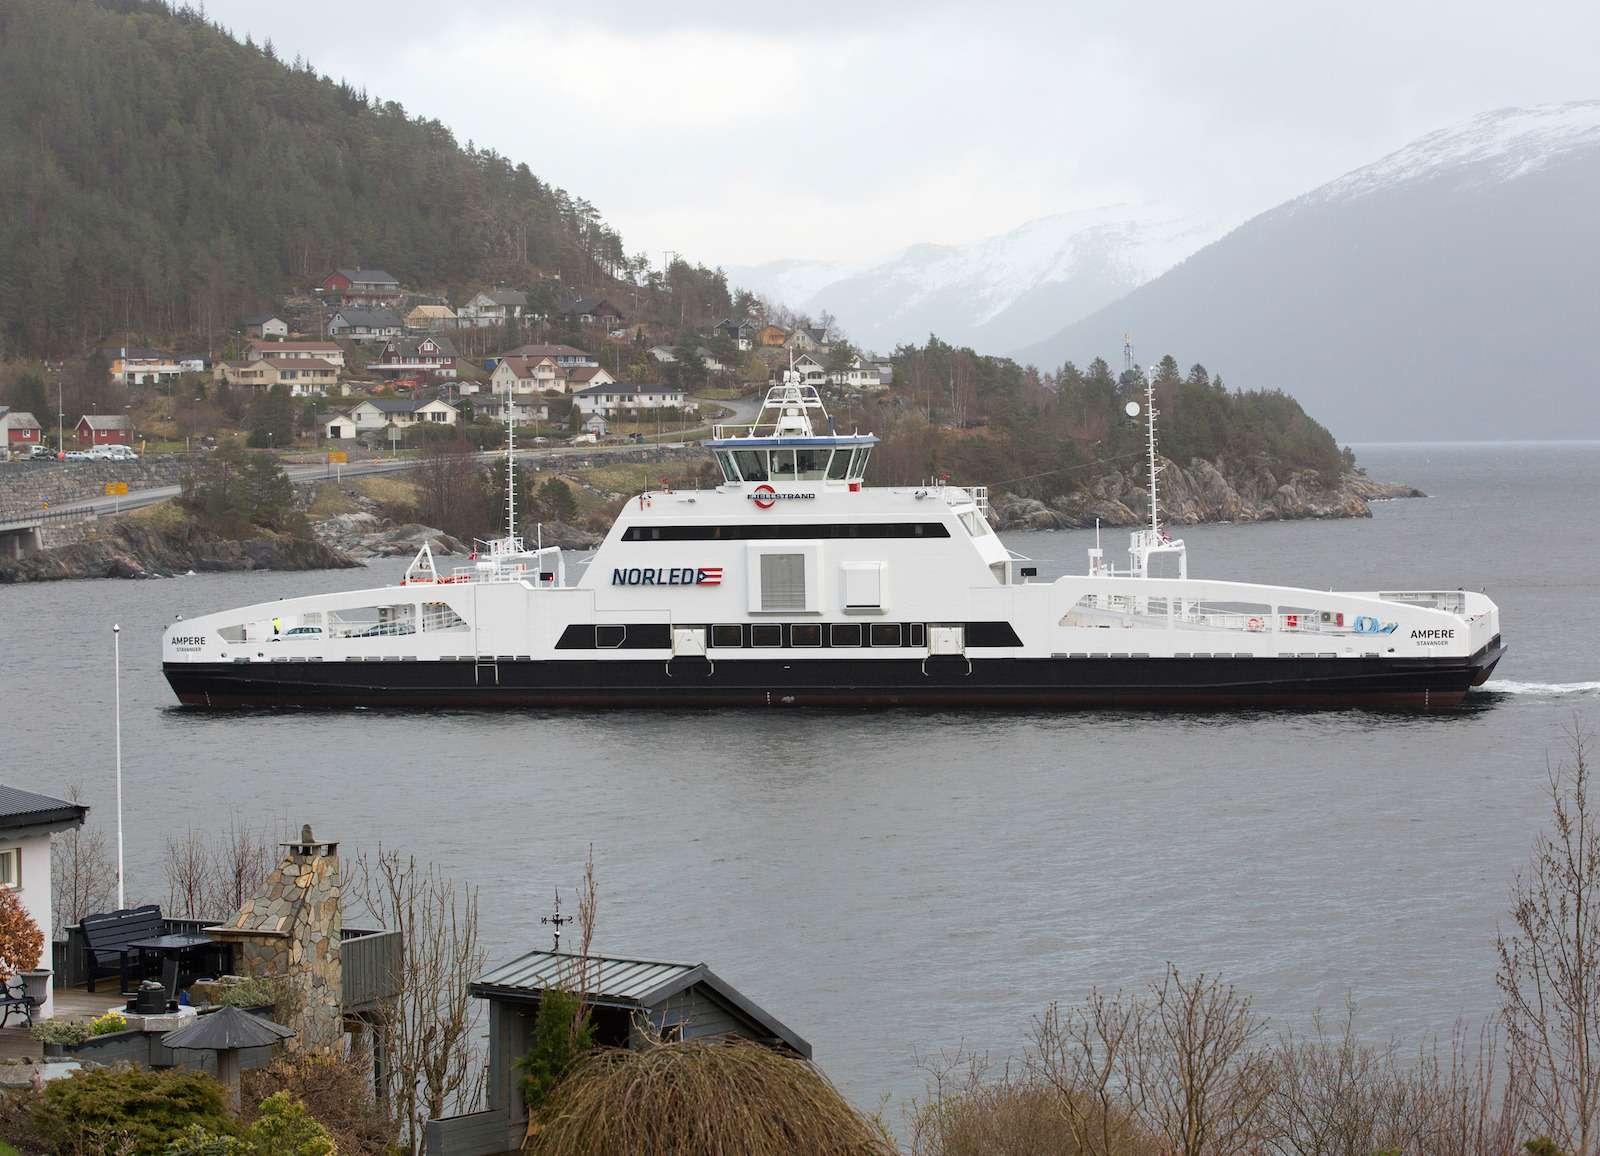 Im20-Minuten-Takt über den Fjord/ Traveling the Fjord 34Times aDay